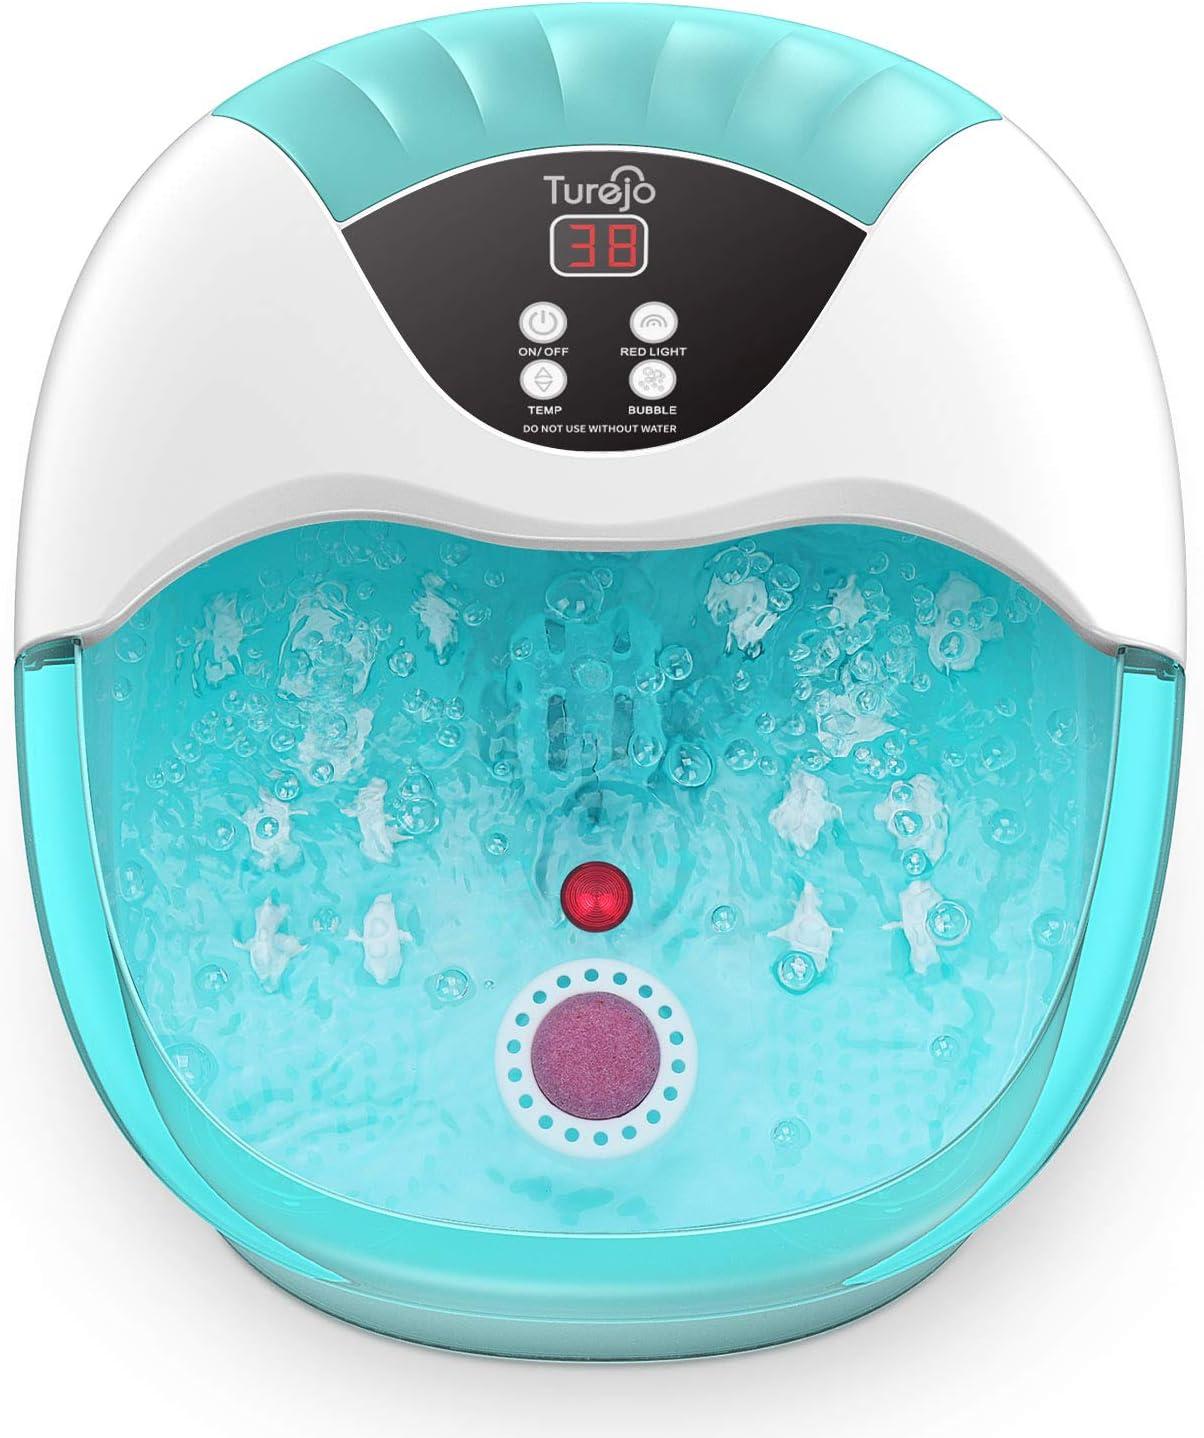 Bañera Para Pies, Turejo 3 en 1 Masajeador de Spa/Baño con Calefacción, Burbujas Oxígeno y luz Infrarroja, con 14 Rodillos de Masaje y Piedra Pómez para Alivio de Fatiga de Pies, Azul Cielo